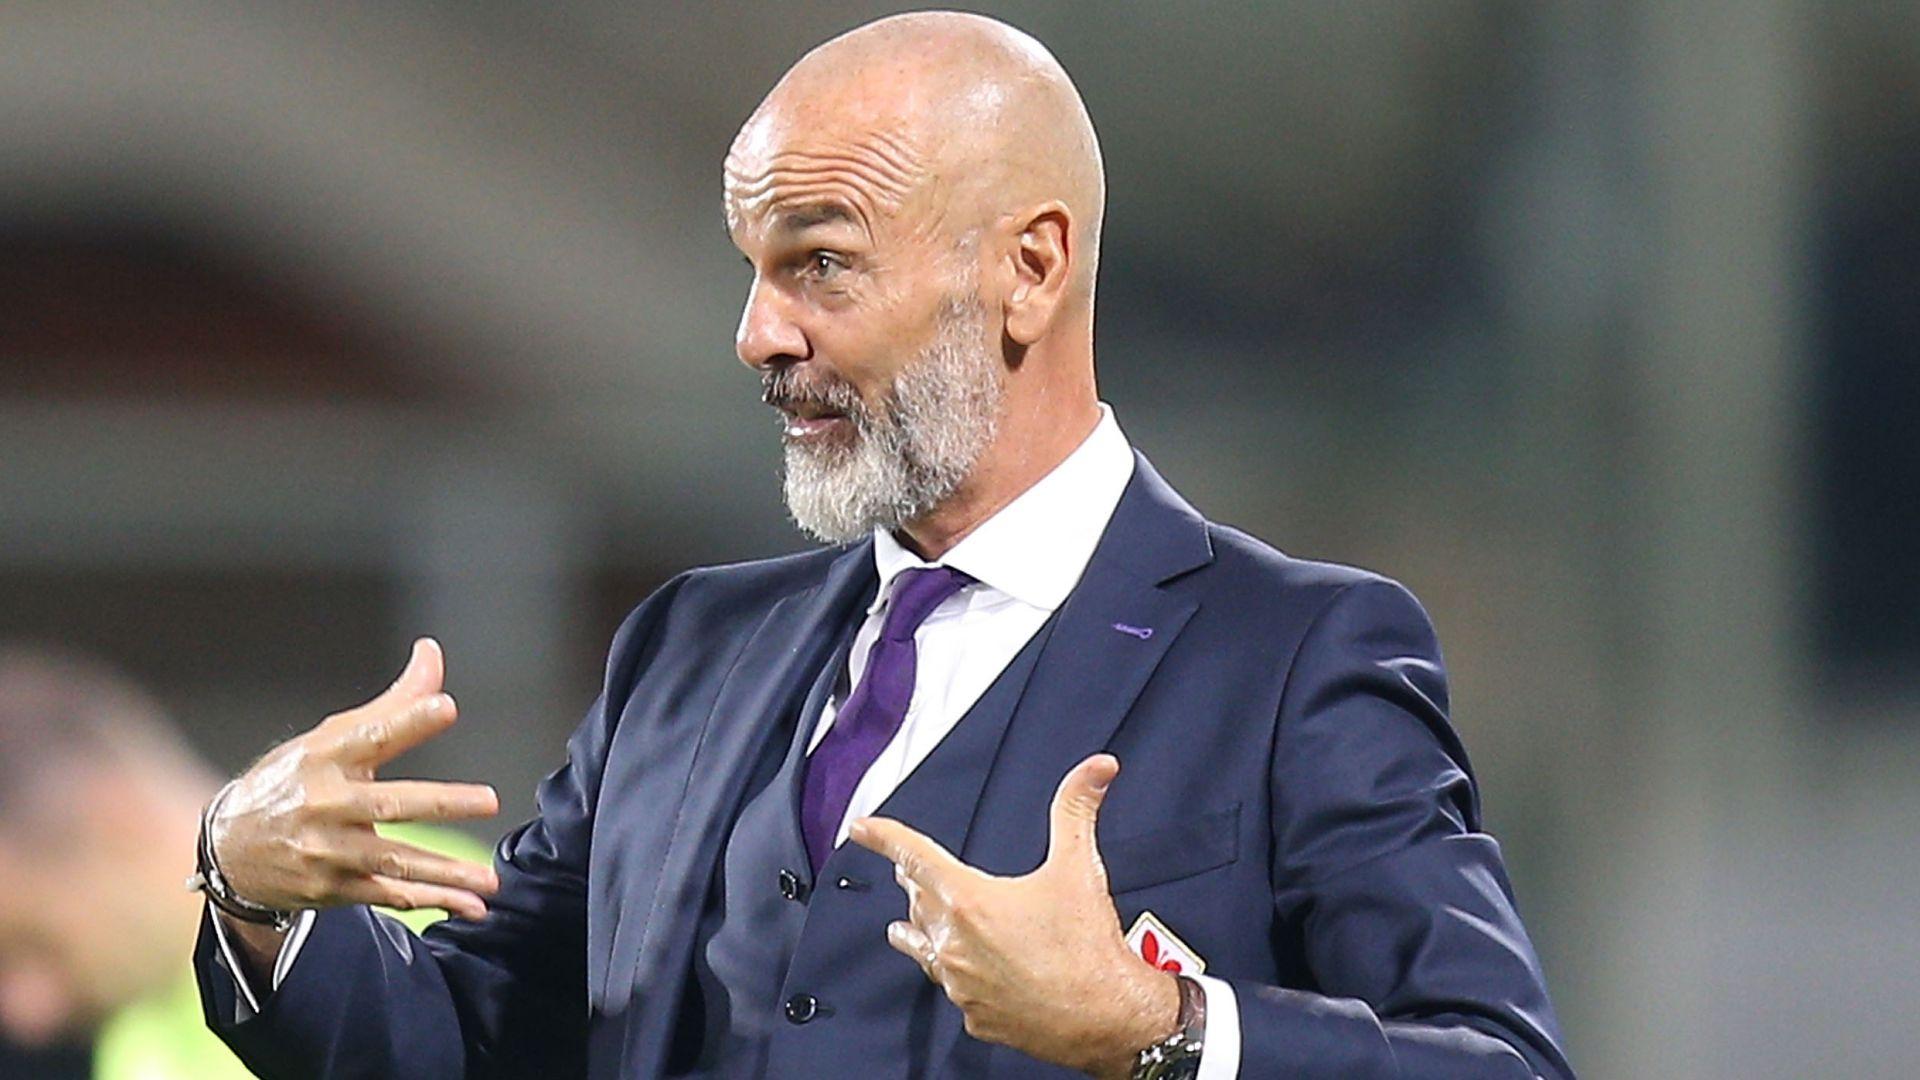 Officiel - Stefano Pioli est le nouvel entraîneur de l'AC Milan